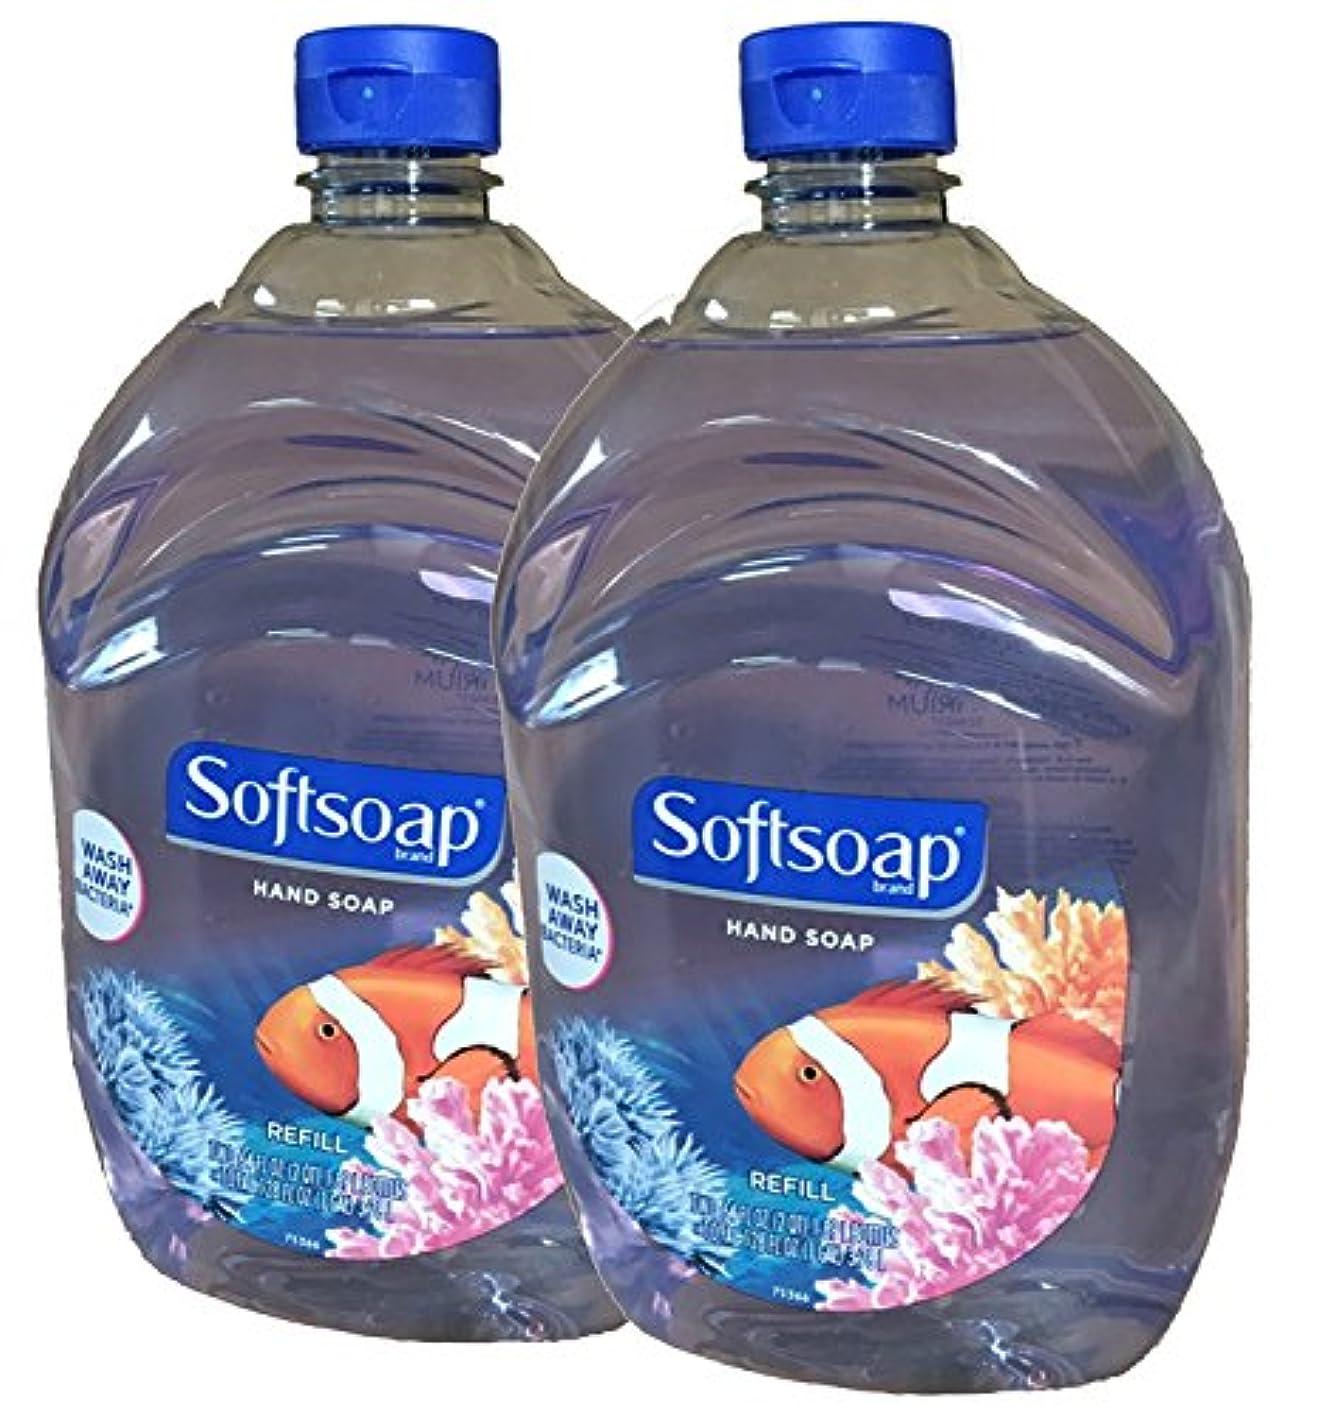 の慈悲でチャールズキージング十Softsoap Liquid Hand Soap, Aquarium Series, 64-Ounce Refill Bottle (Pack of 2) by Softsoap